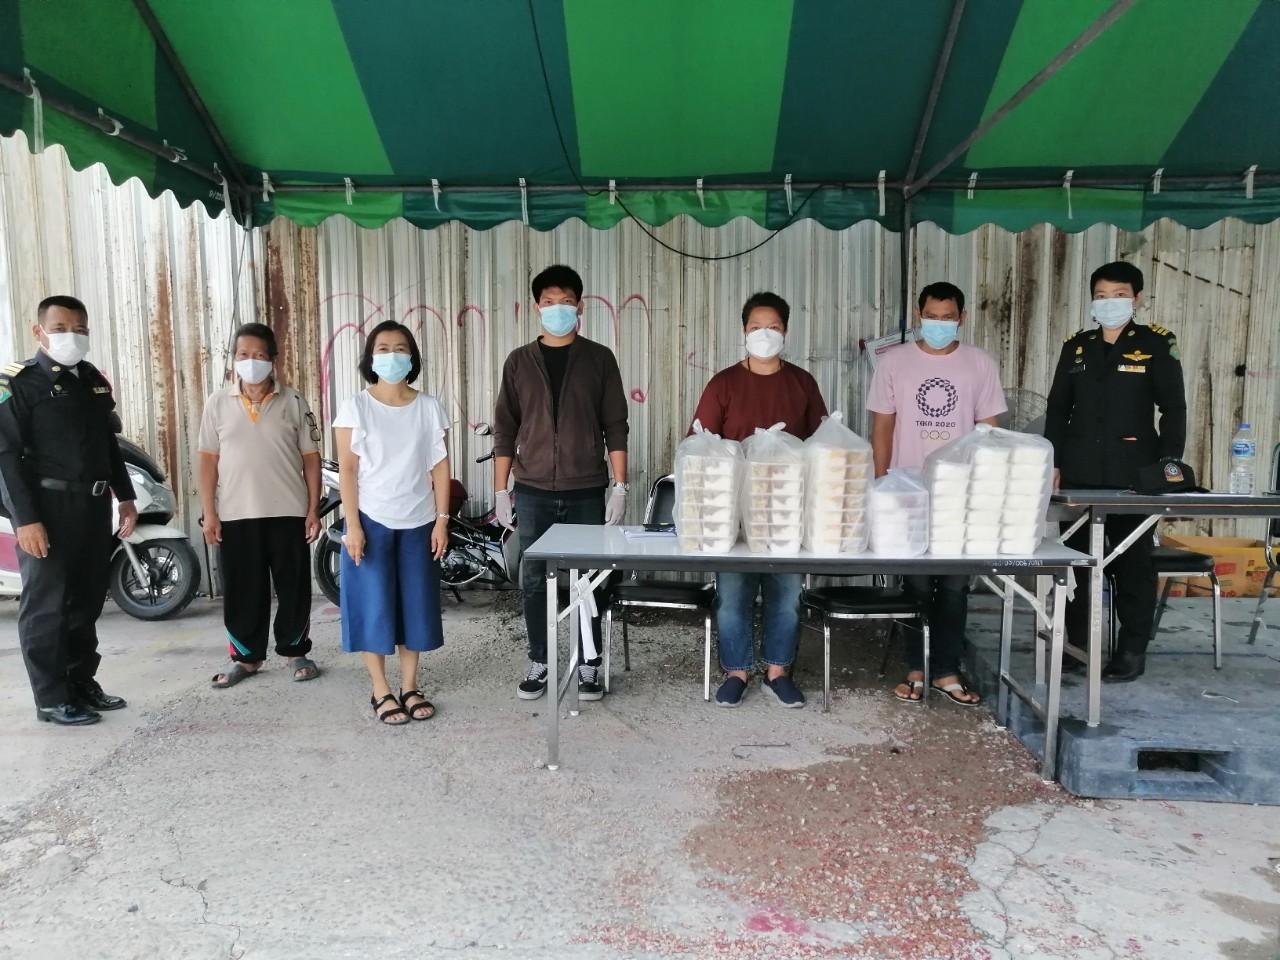 สำนักงานจัดหางานกรุงเทพมหานครพื้นที่ 3 ได้ดำเนินโครงการให้ความช่วยเหลือแรงงานด้านอาหาร